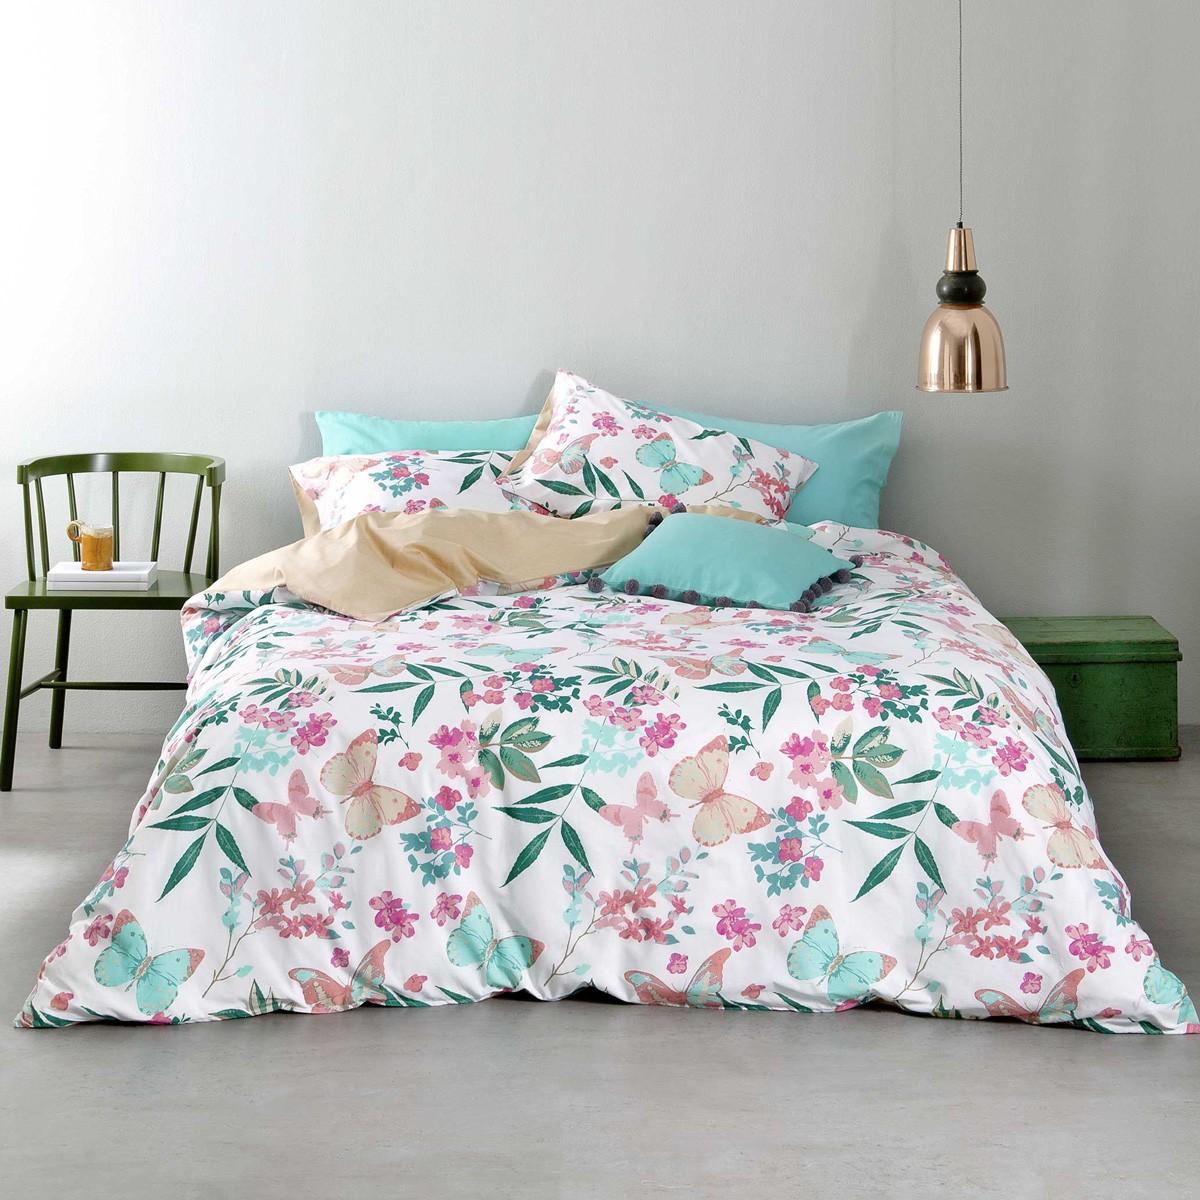 Σεντόνια Υπέρδιπλα (Σετ) Nima Bed Linen Tahiti Pink ΧΩΡΙΣ ΛΑΣΤΙΧΟ ΧΩΡΙΣ ΛΑΣΤΙΧΟ